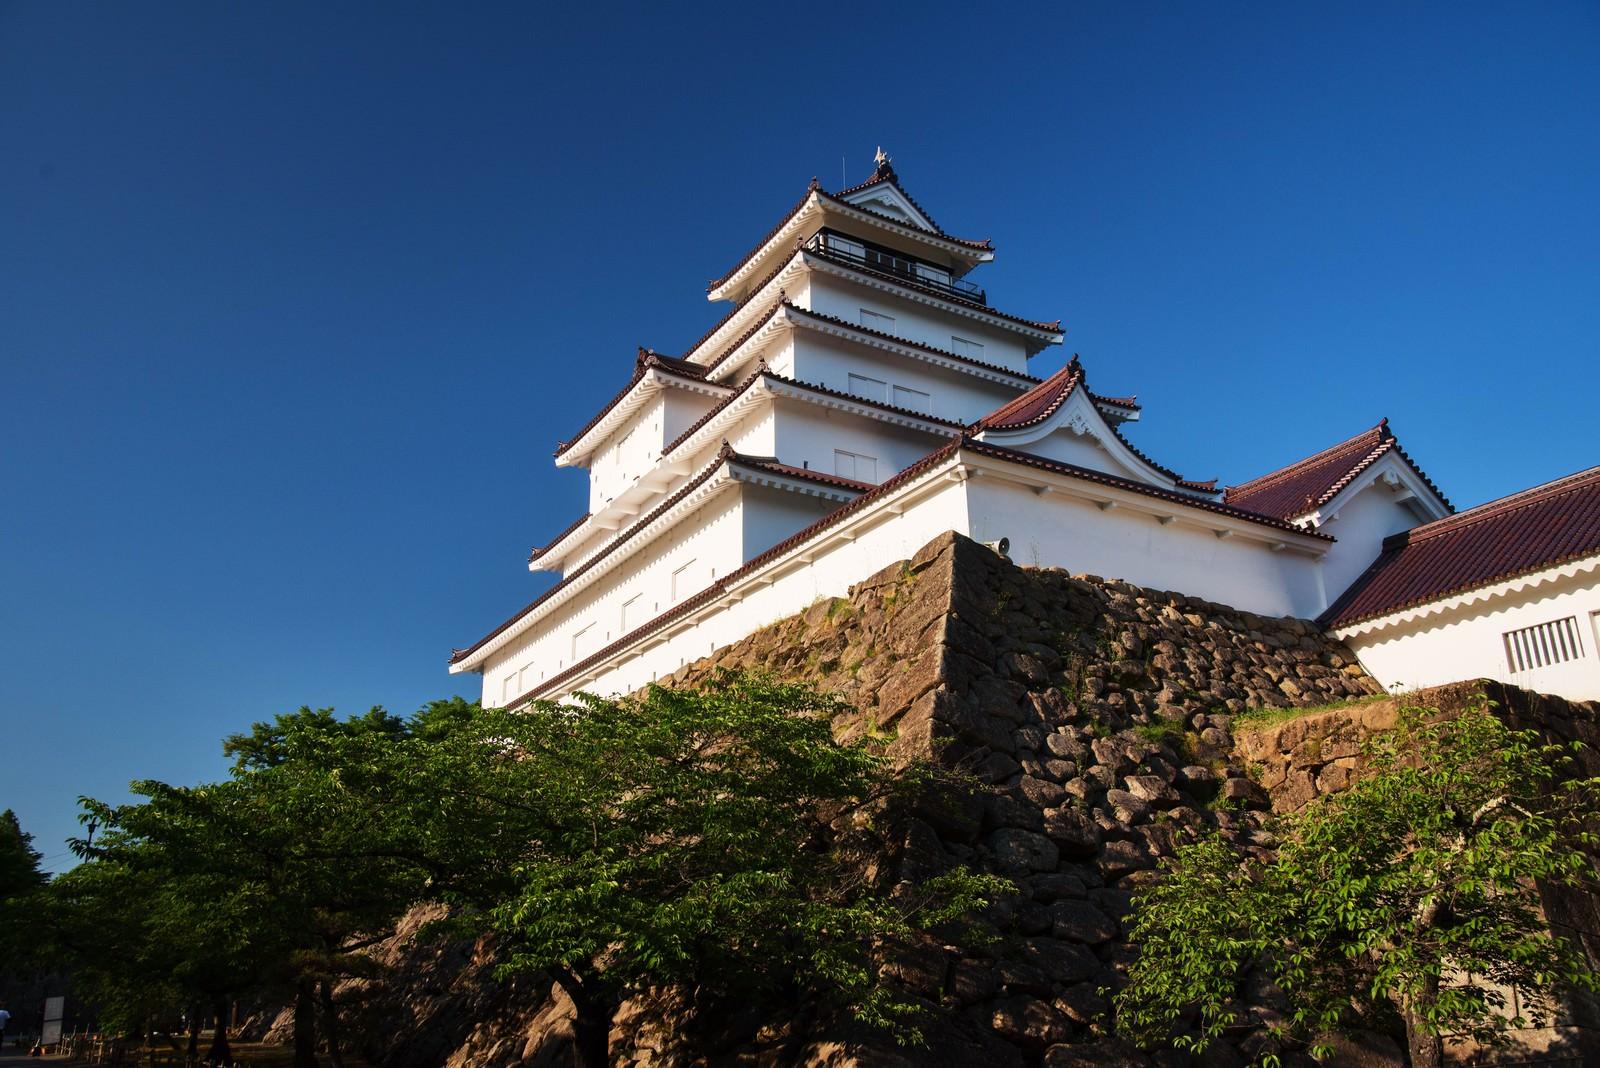 「会津の鶴ケ城」の写真